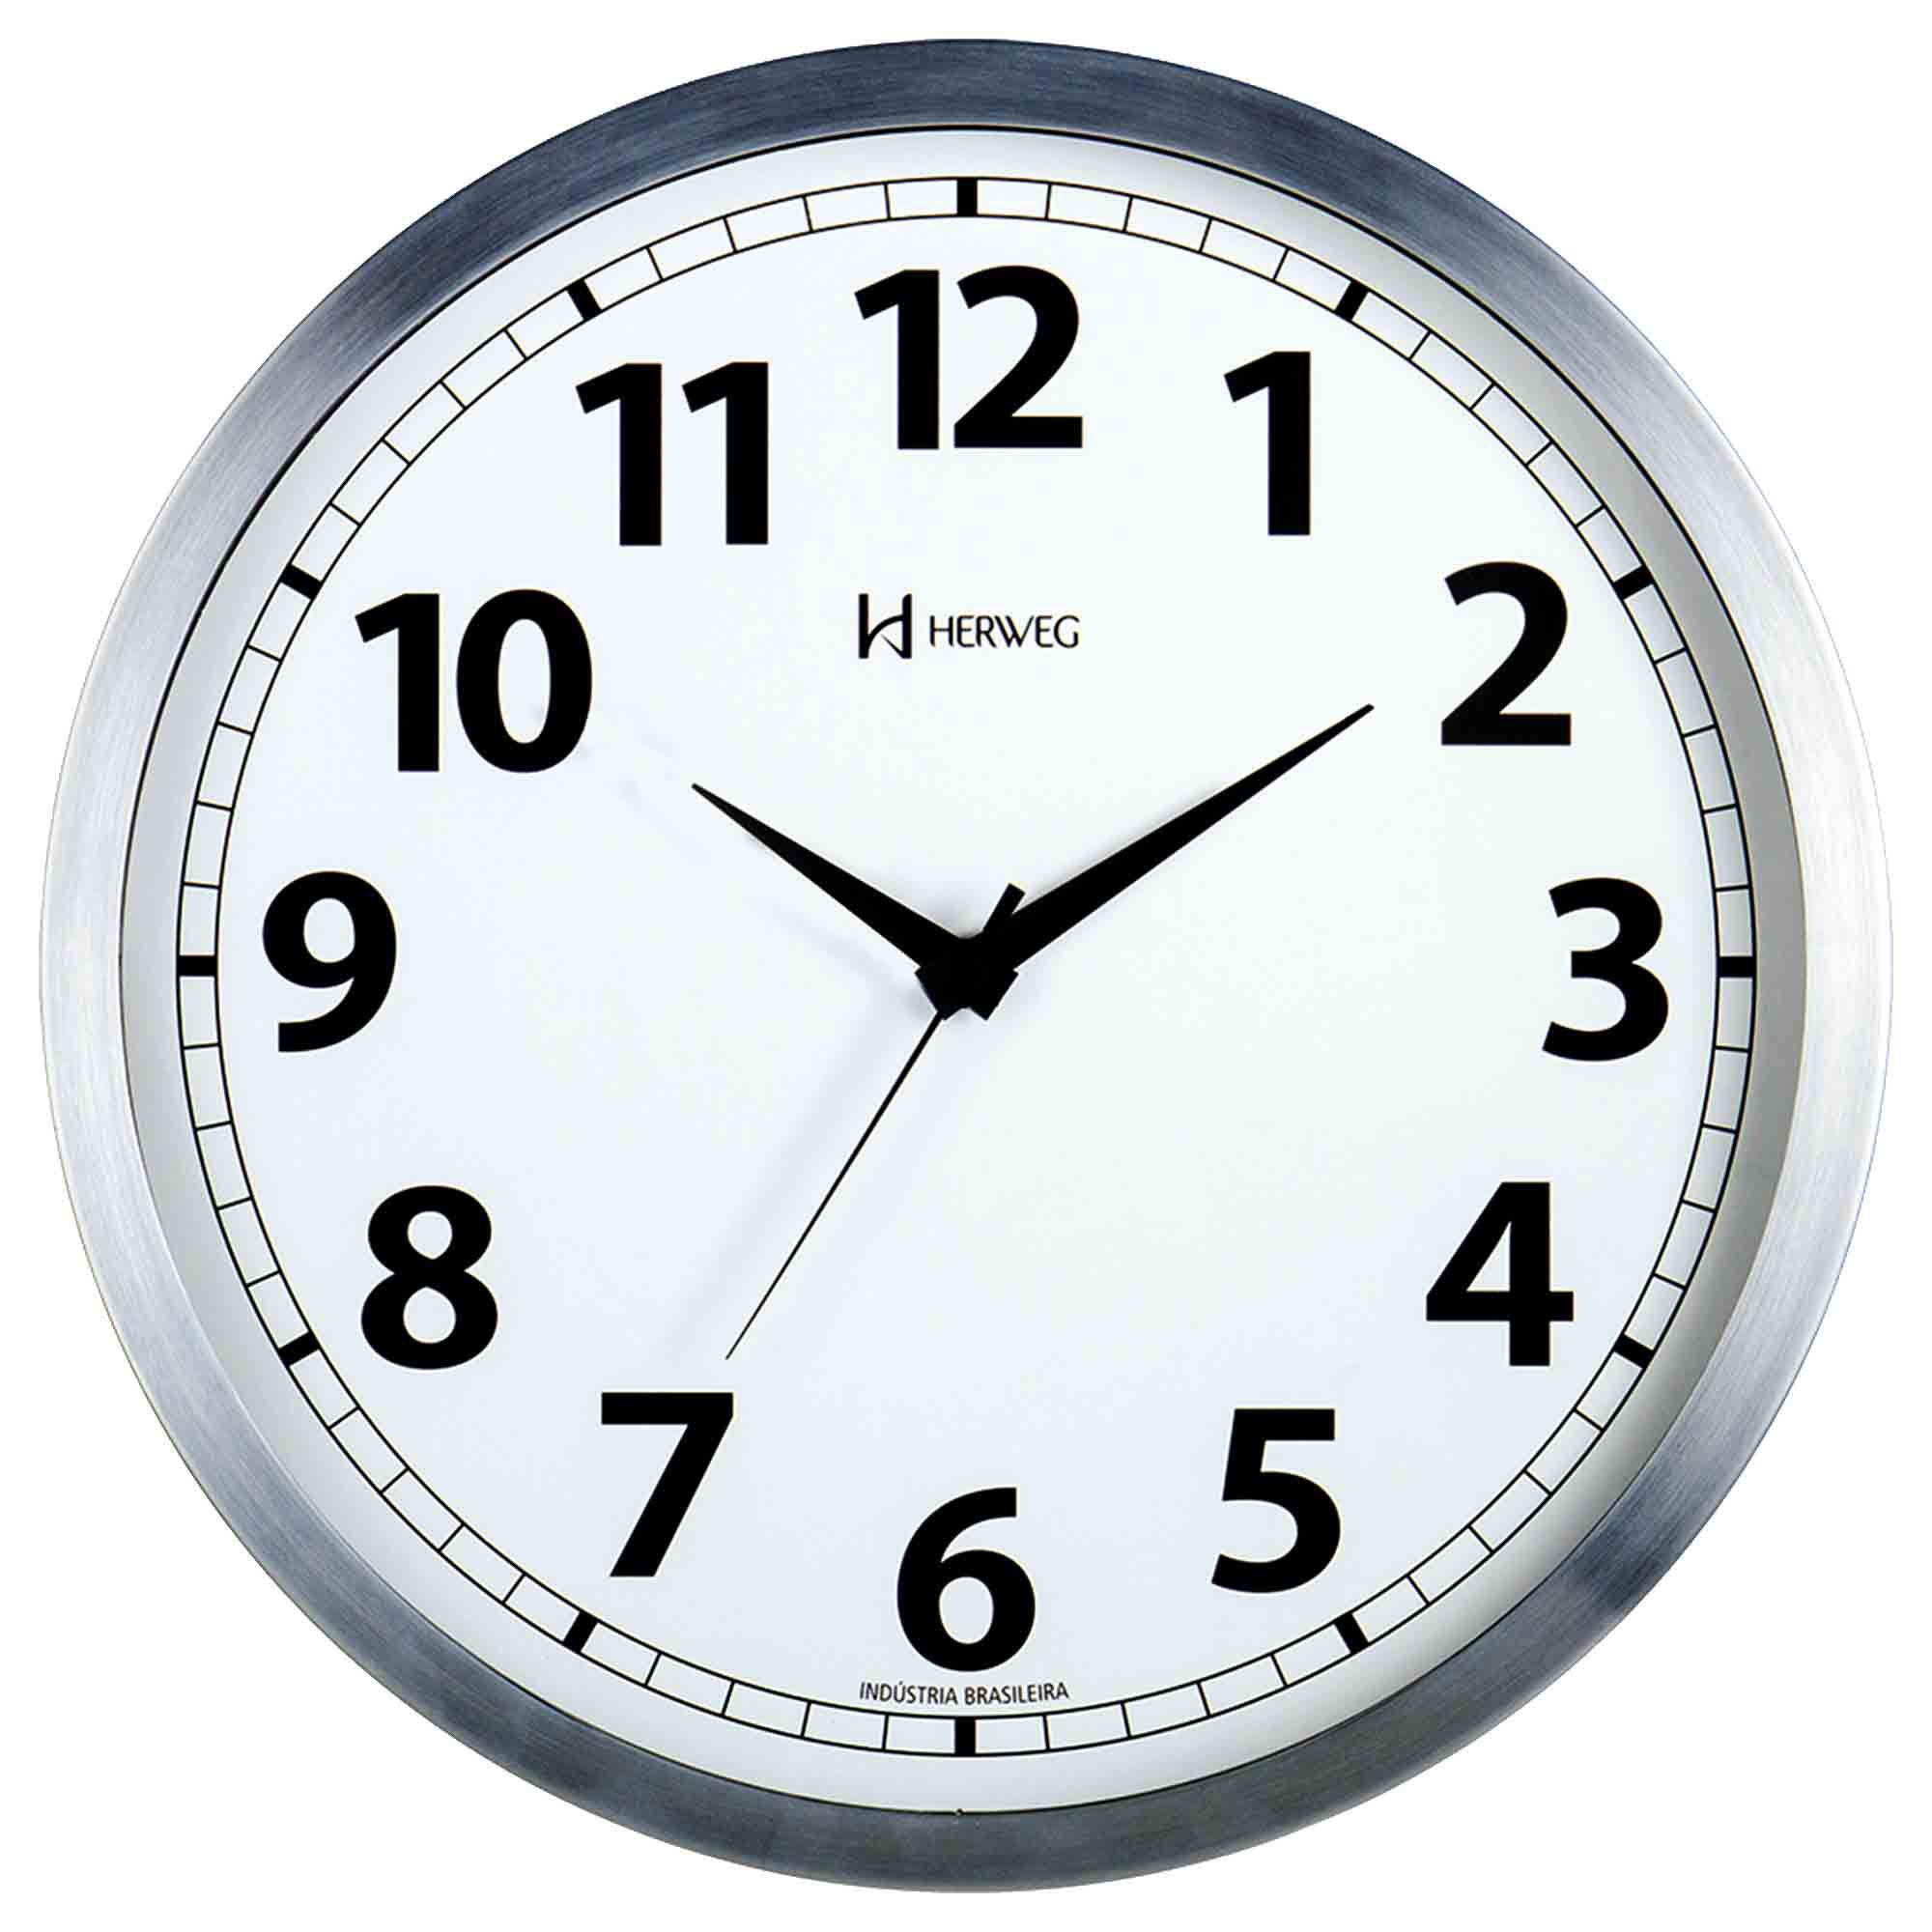 Relógio de Parede Analógico Herweg 6710 079 Alumínio